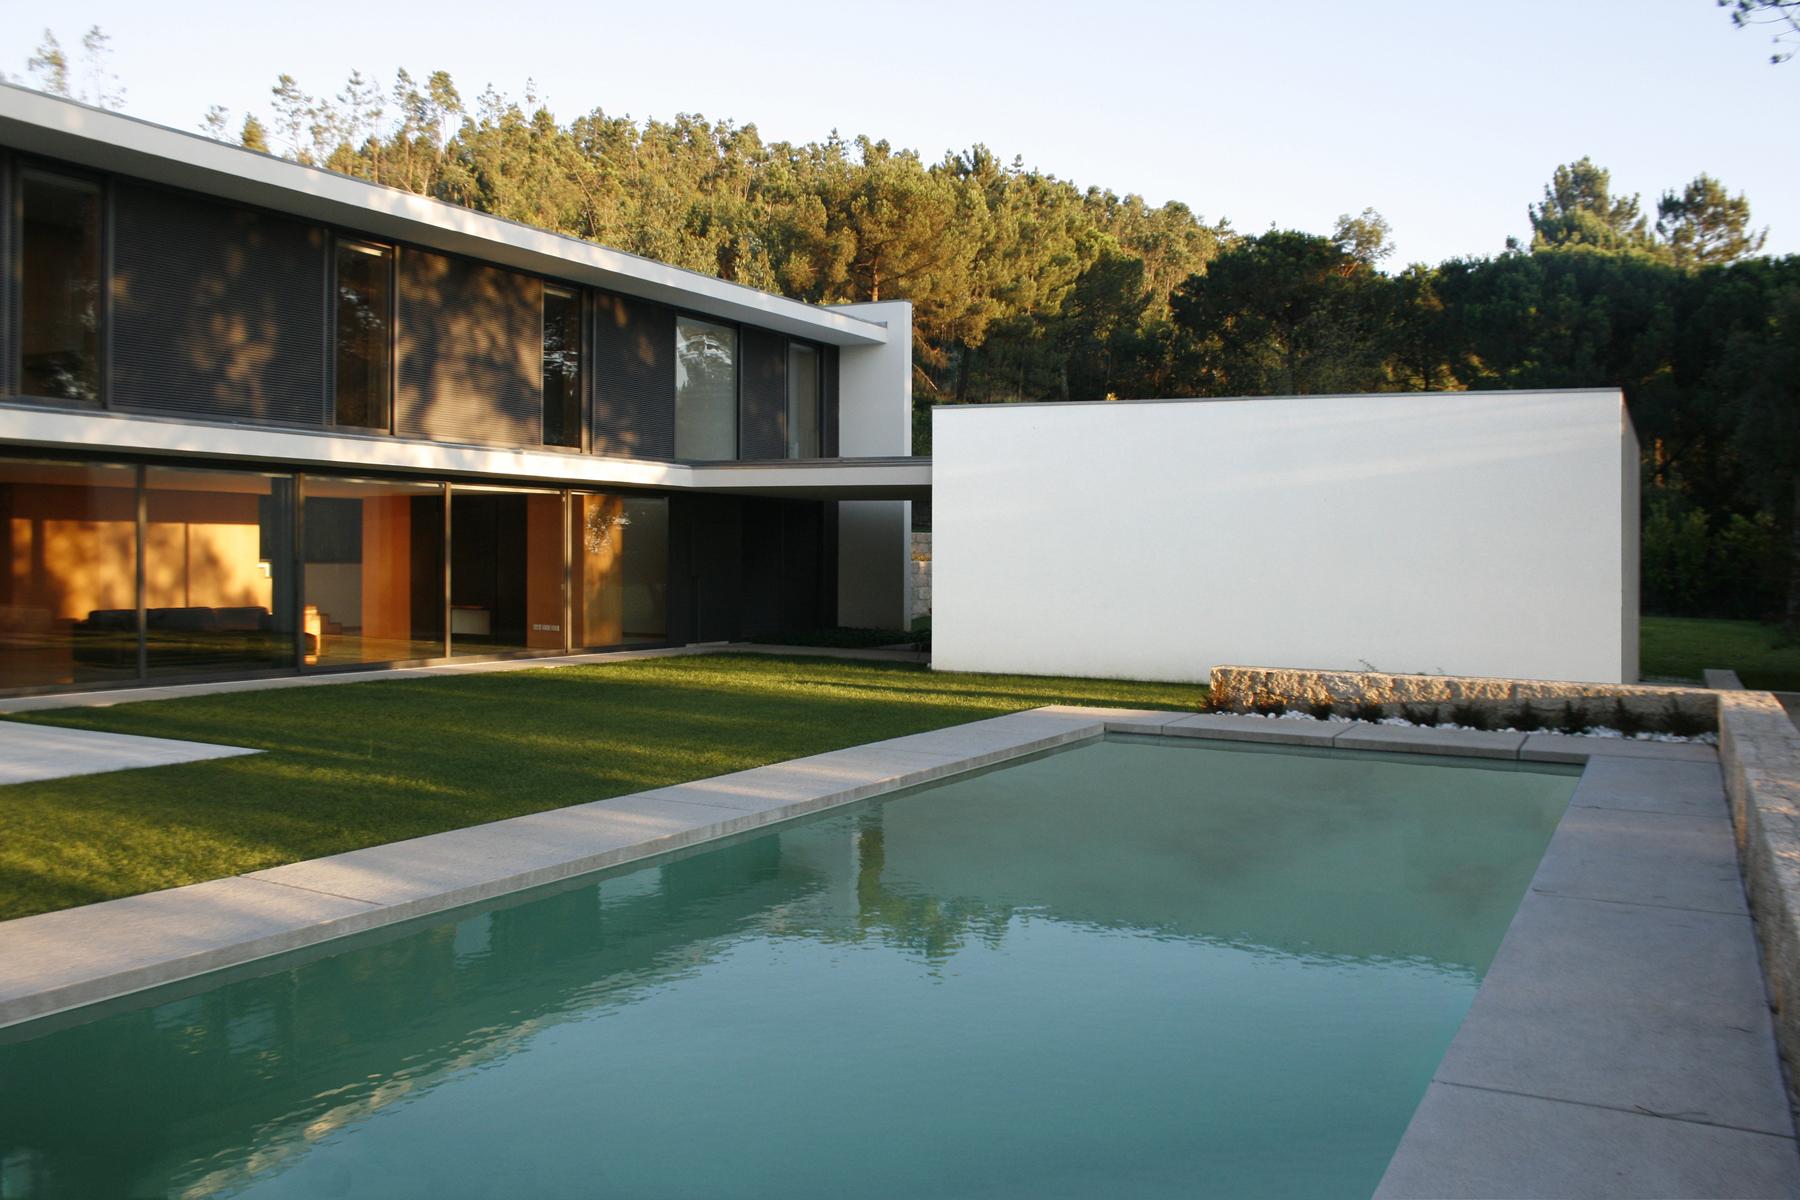 House 23 topos atelier de arquitectura - Atelier arquitectura ...